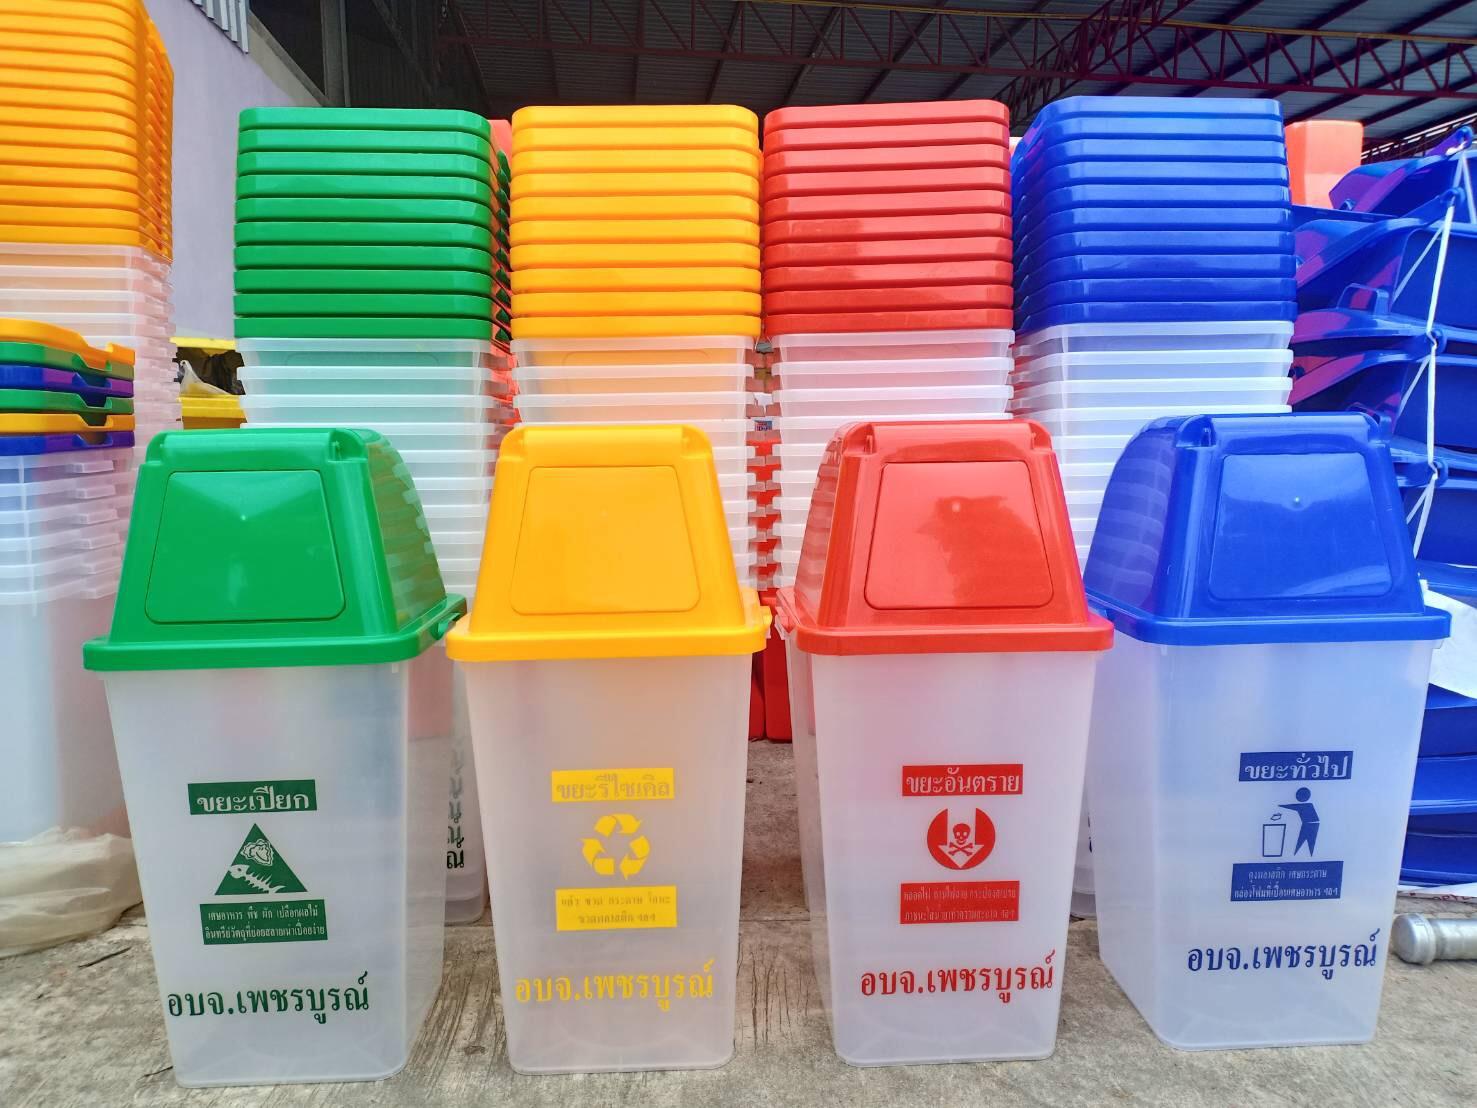 ถังขยะ60ลิตร, ถังขยะพลาสติก60ลิตร, ถังขยะพลาสติก, ถังขยะทรงเหลี่ยม60ลิตร, ถังขยะใส60ลิตร, ถังขยะแยกประเภท, ถังขยะไม่มีล้อ60ลิตร, ถังขยะฝาสวิง60ลิตร